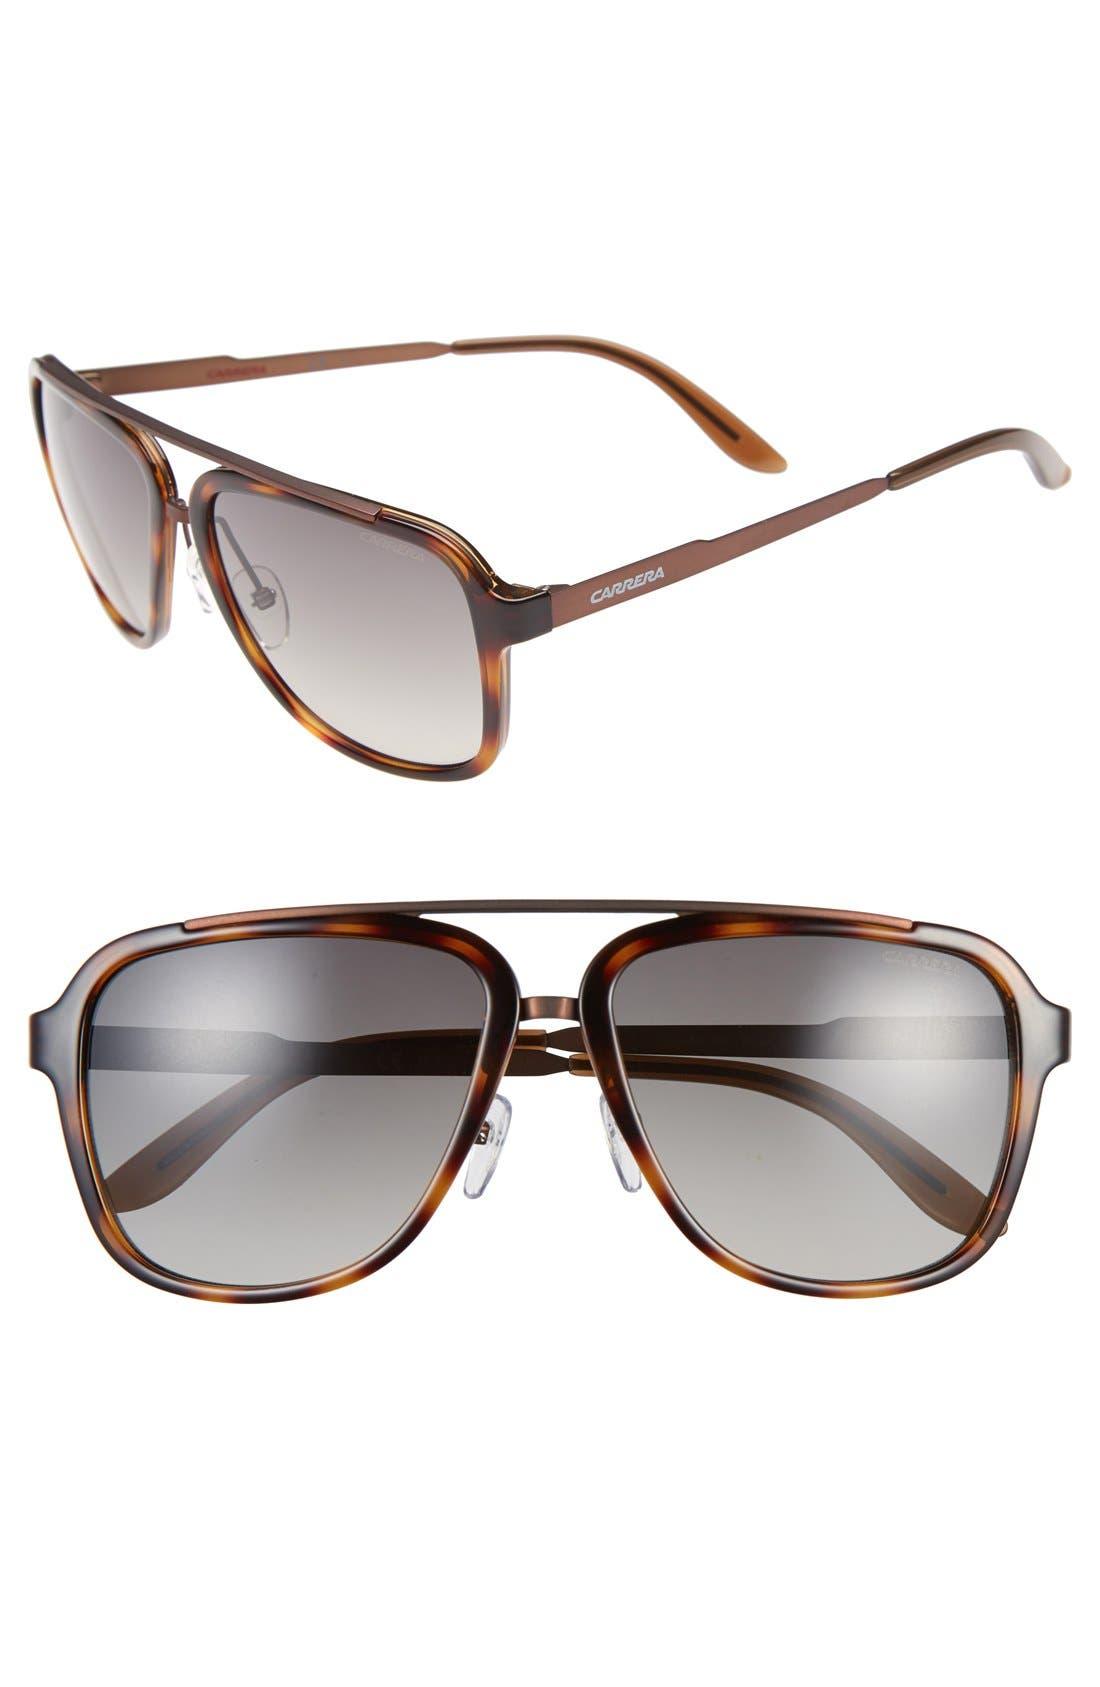 57mm Navigator Sunglasses,                             Main thumbnail 1, color,                             HAVANA BROWN BROWN GRADIENT